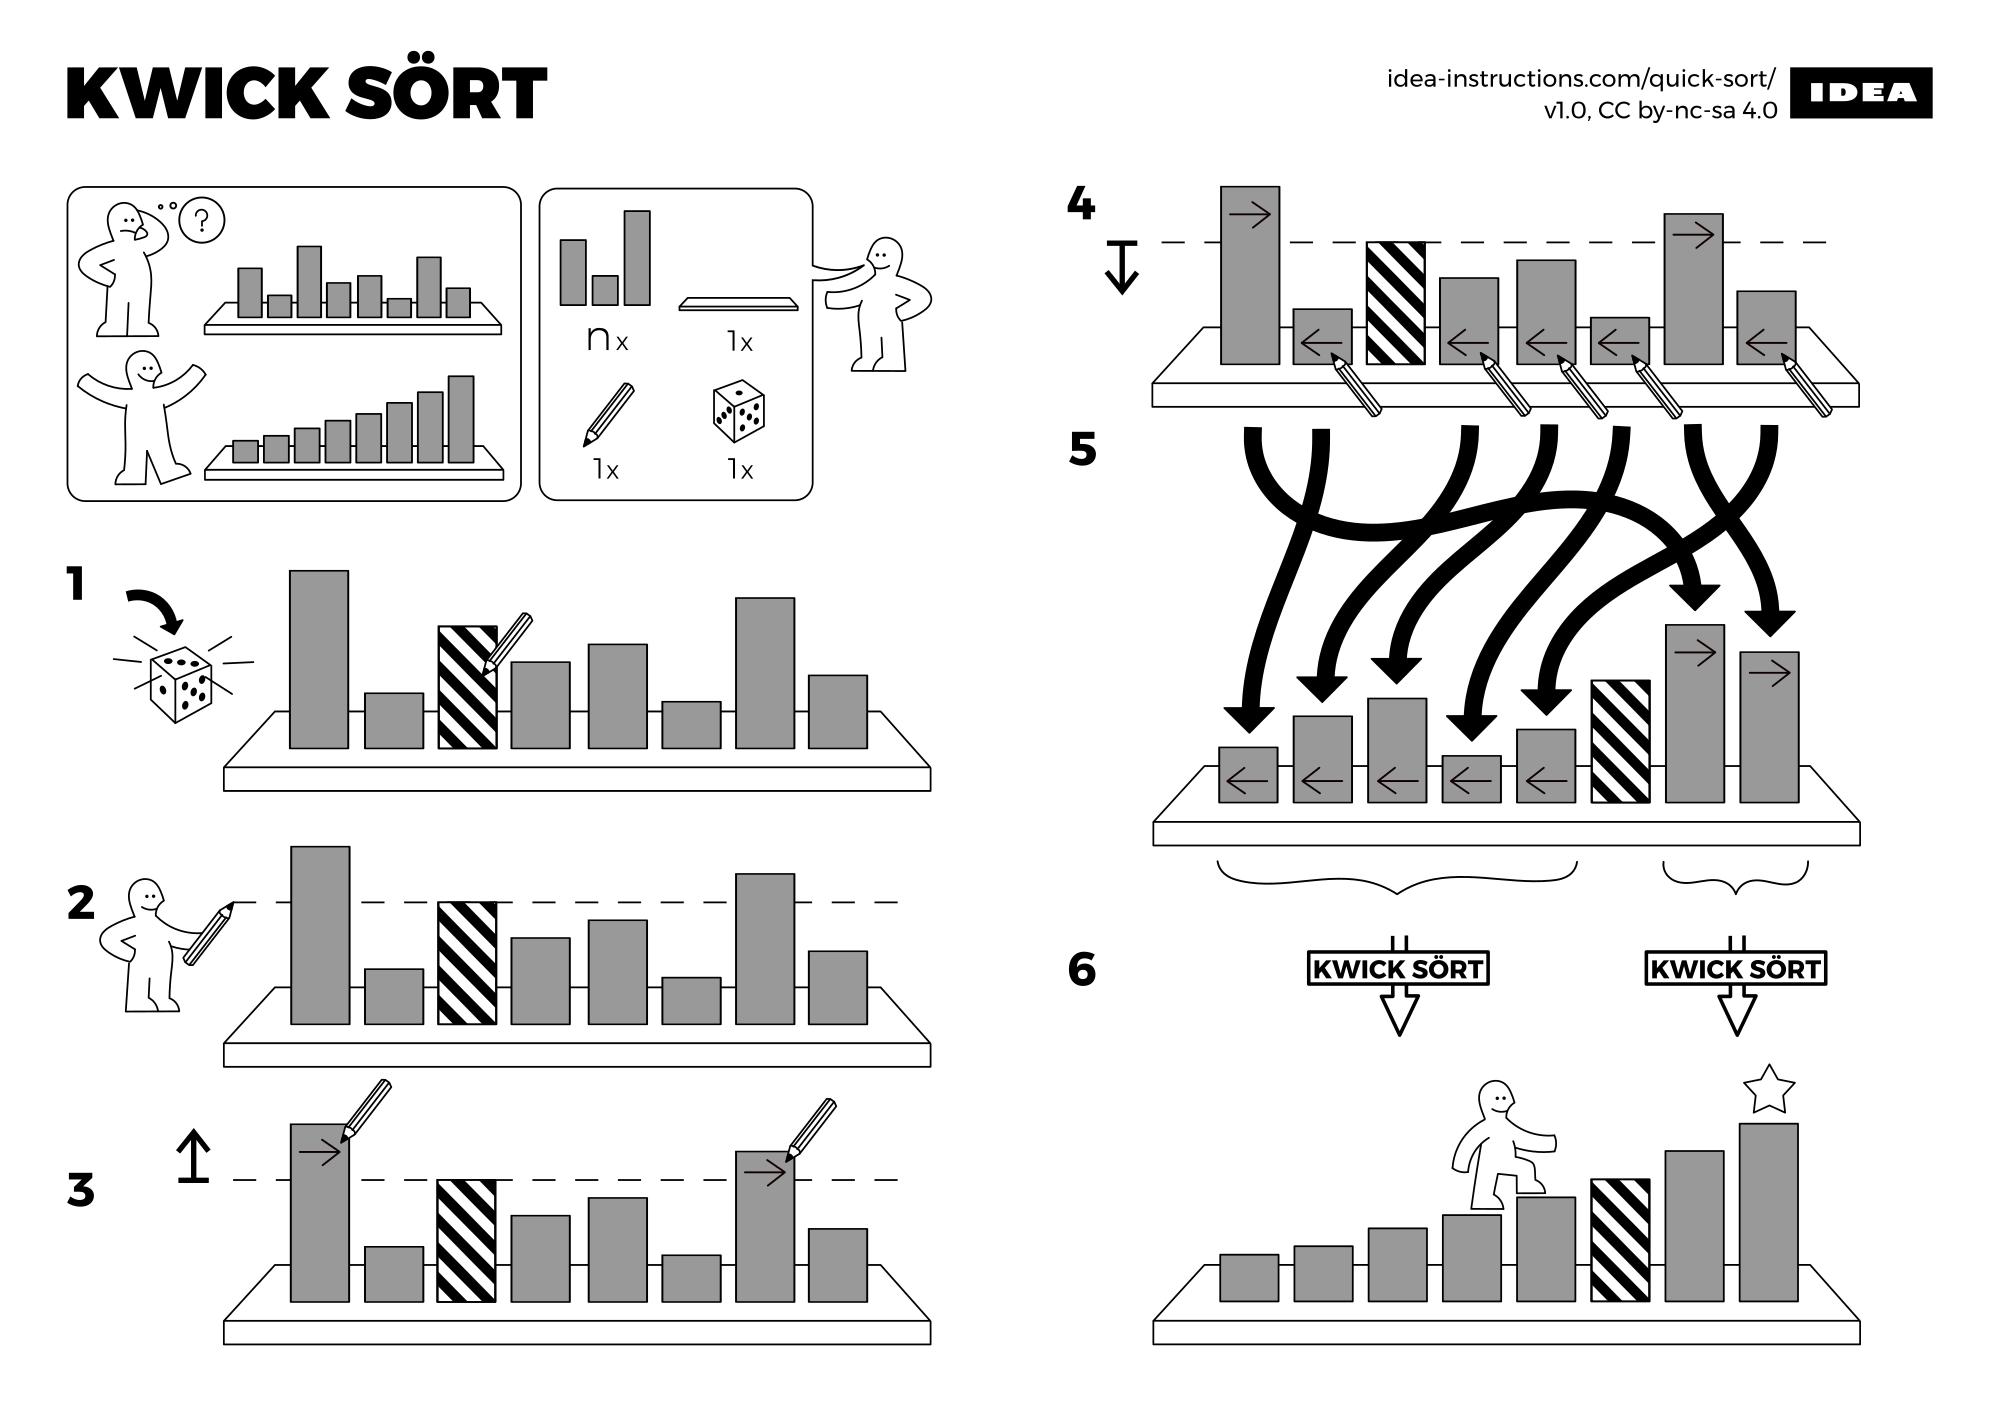 Instructions dans le style IKEA pour des algorithmes d'ordinateur